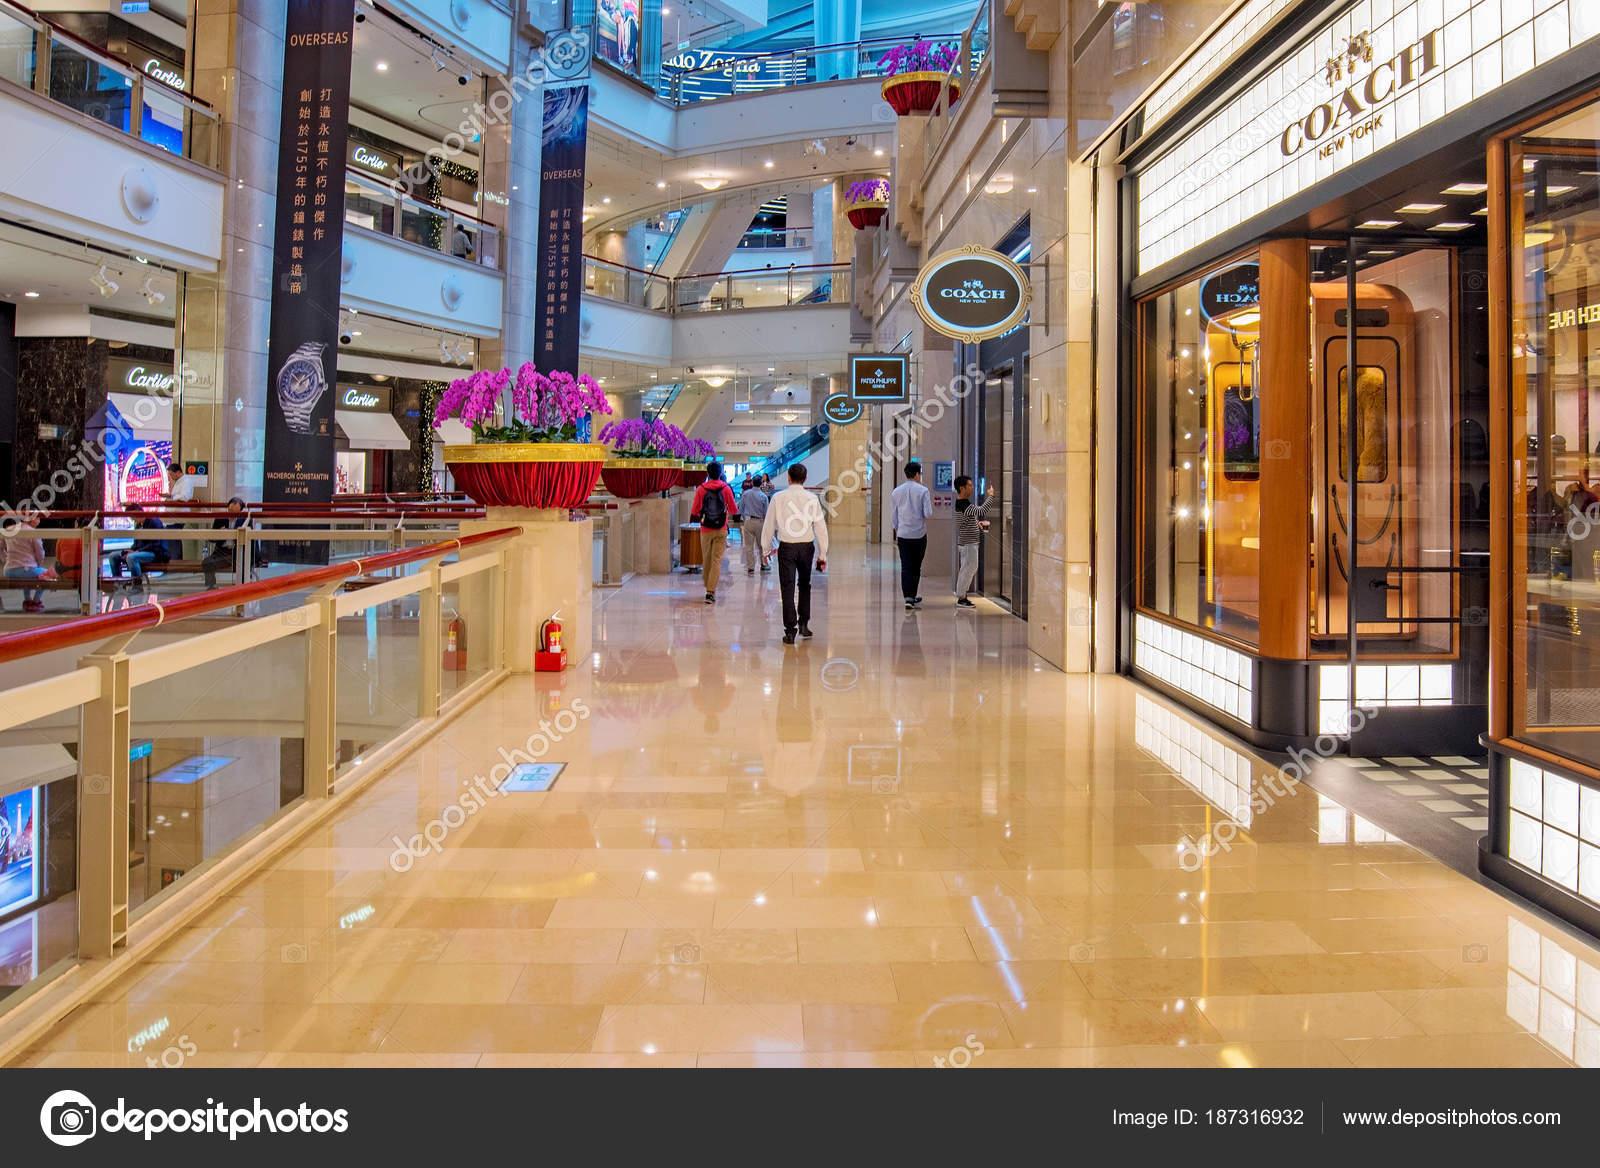 b72506841ea 타이 페이, 대만-11 월 11 일: 이것은 타이 페이 101 마천루에서 101 몰, 쇼핑몰의 고급 상점 들에 대 한 잘 알려진 11  월 11 일, 2016에 타이 페이에 — 님의 사진 ...